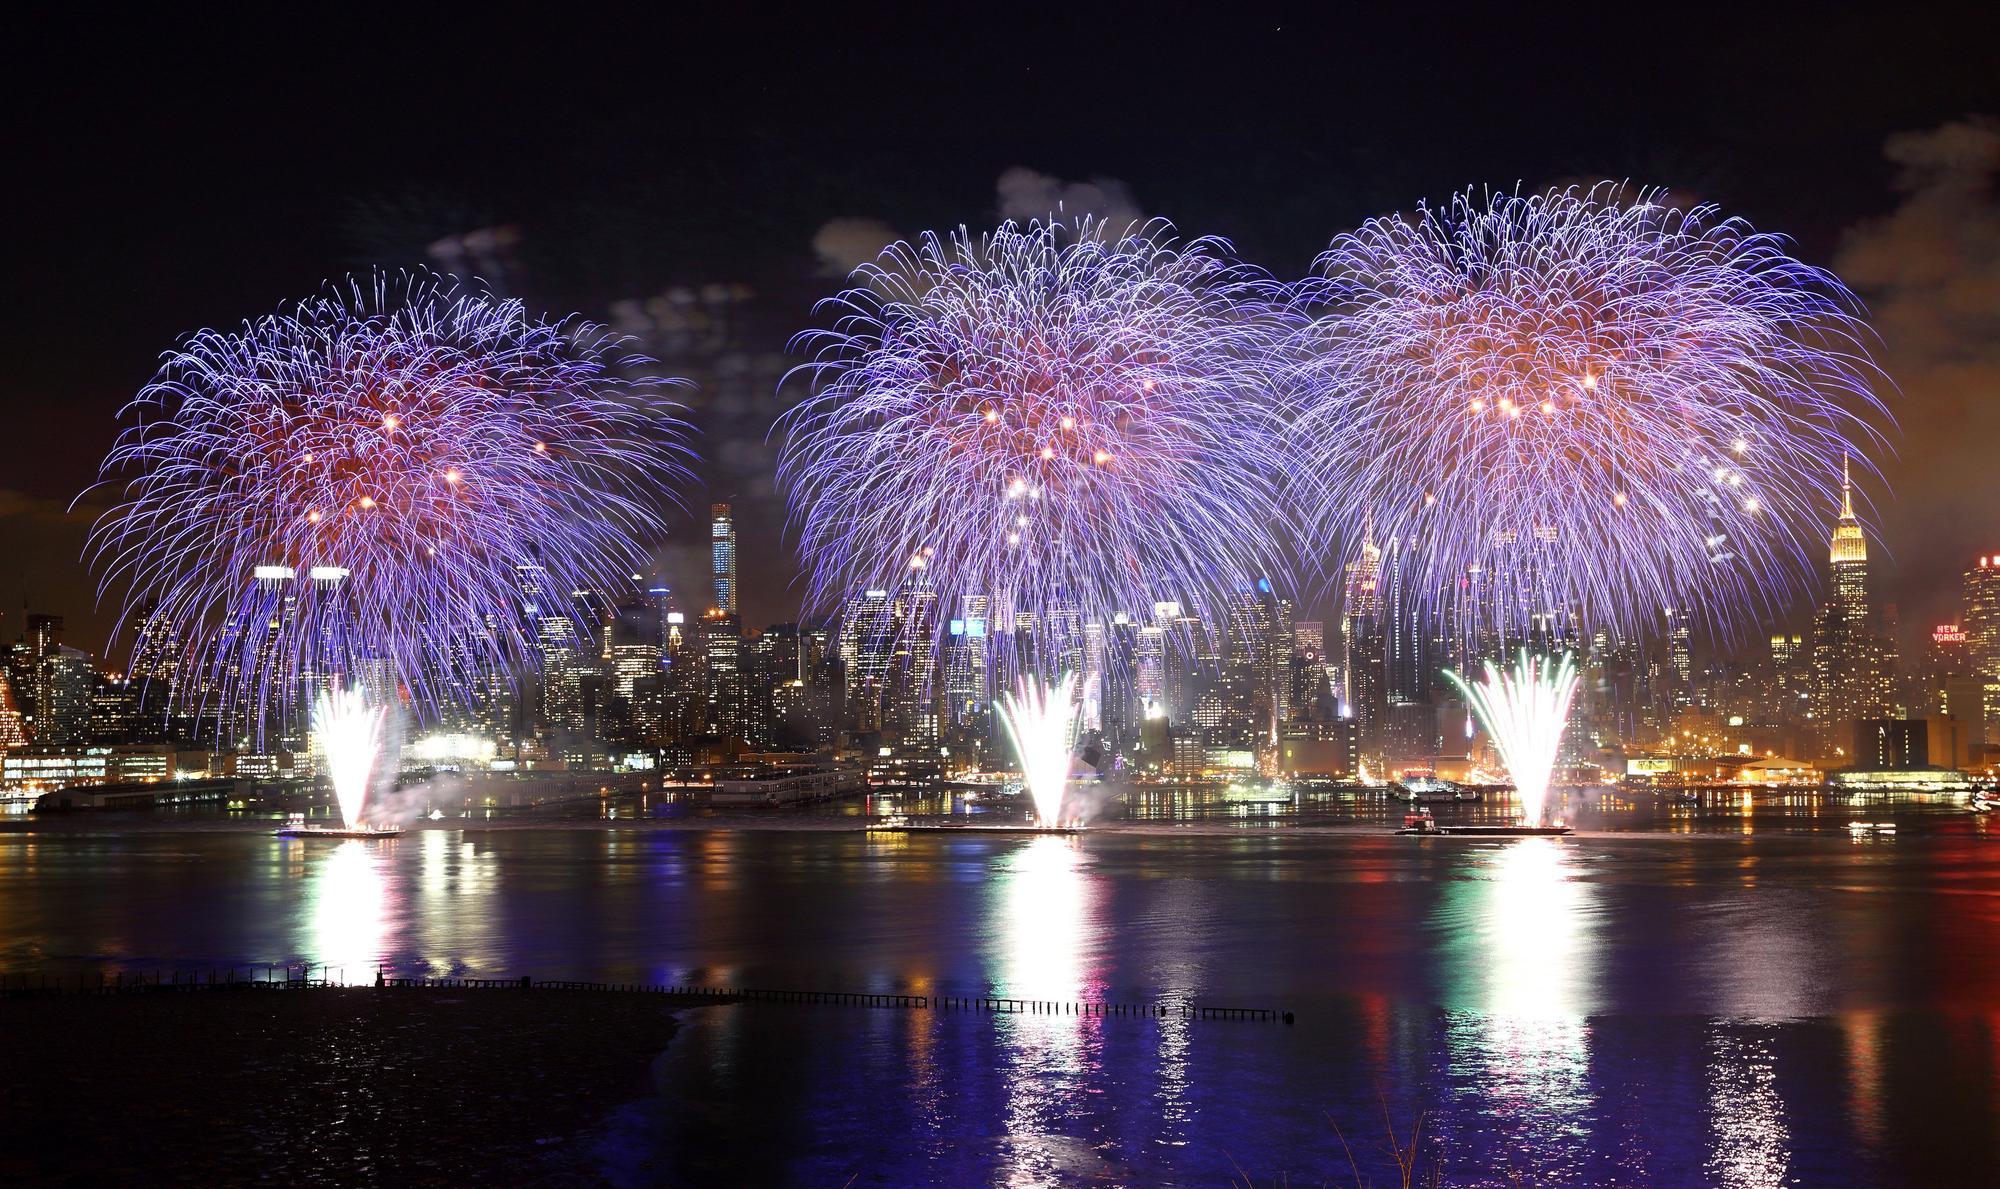 Video: Pháo hoa rực rỡ chào xuân Ất Mùi trên sông Hudson, Mỹ - Ảnh 3